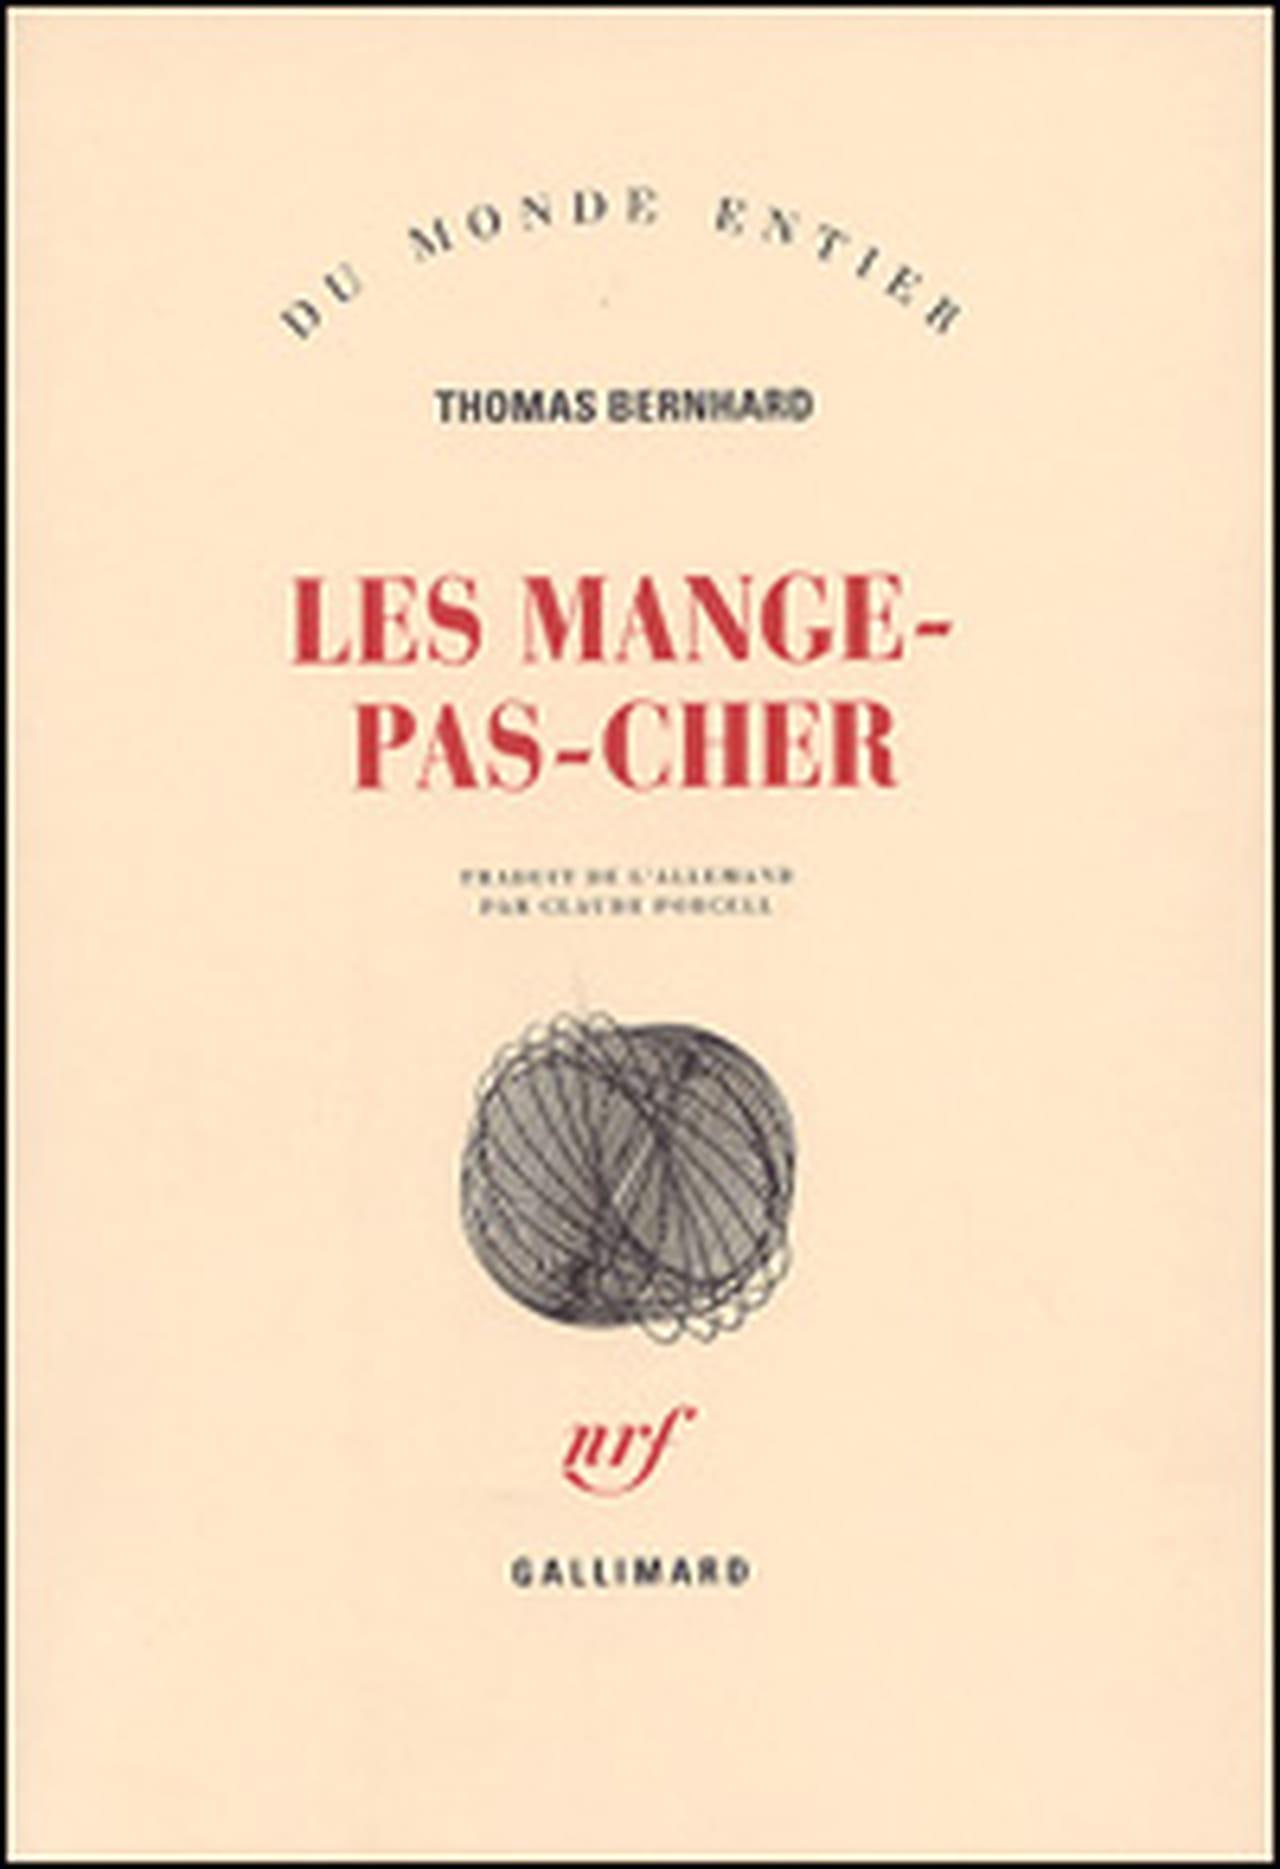 Salon Mage Pas Cher   Les Mange Pas Cher Thomas Bernhard Prefere Manger A La Cantine